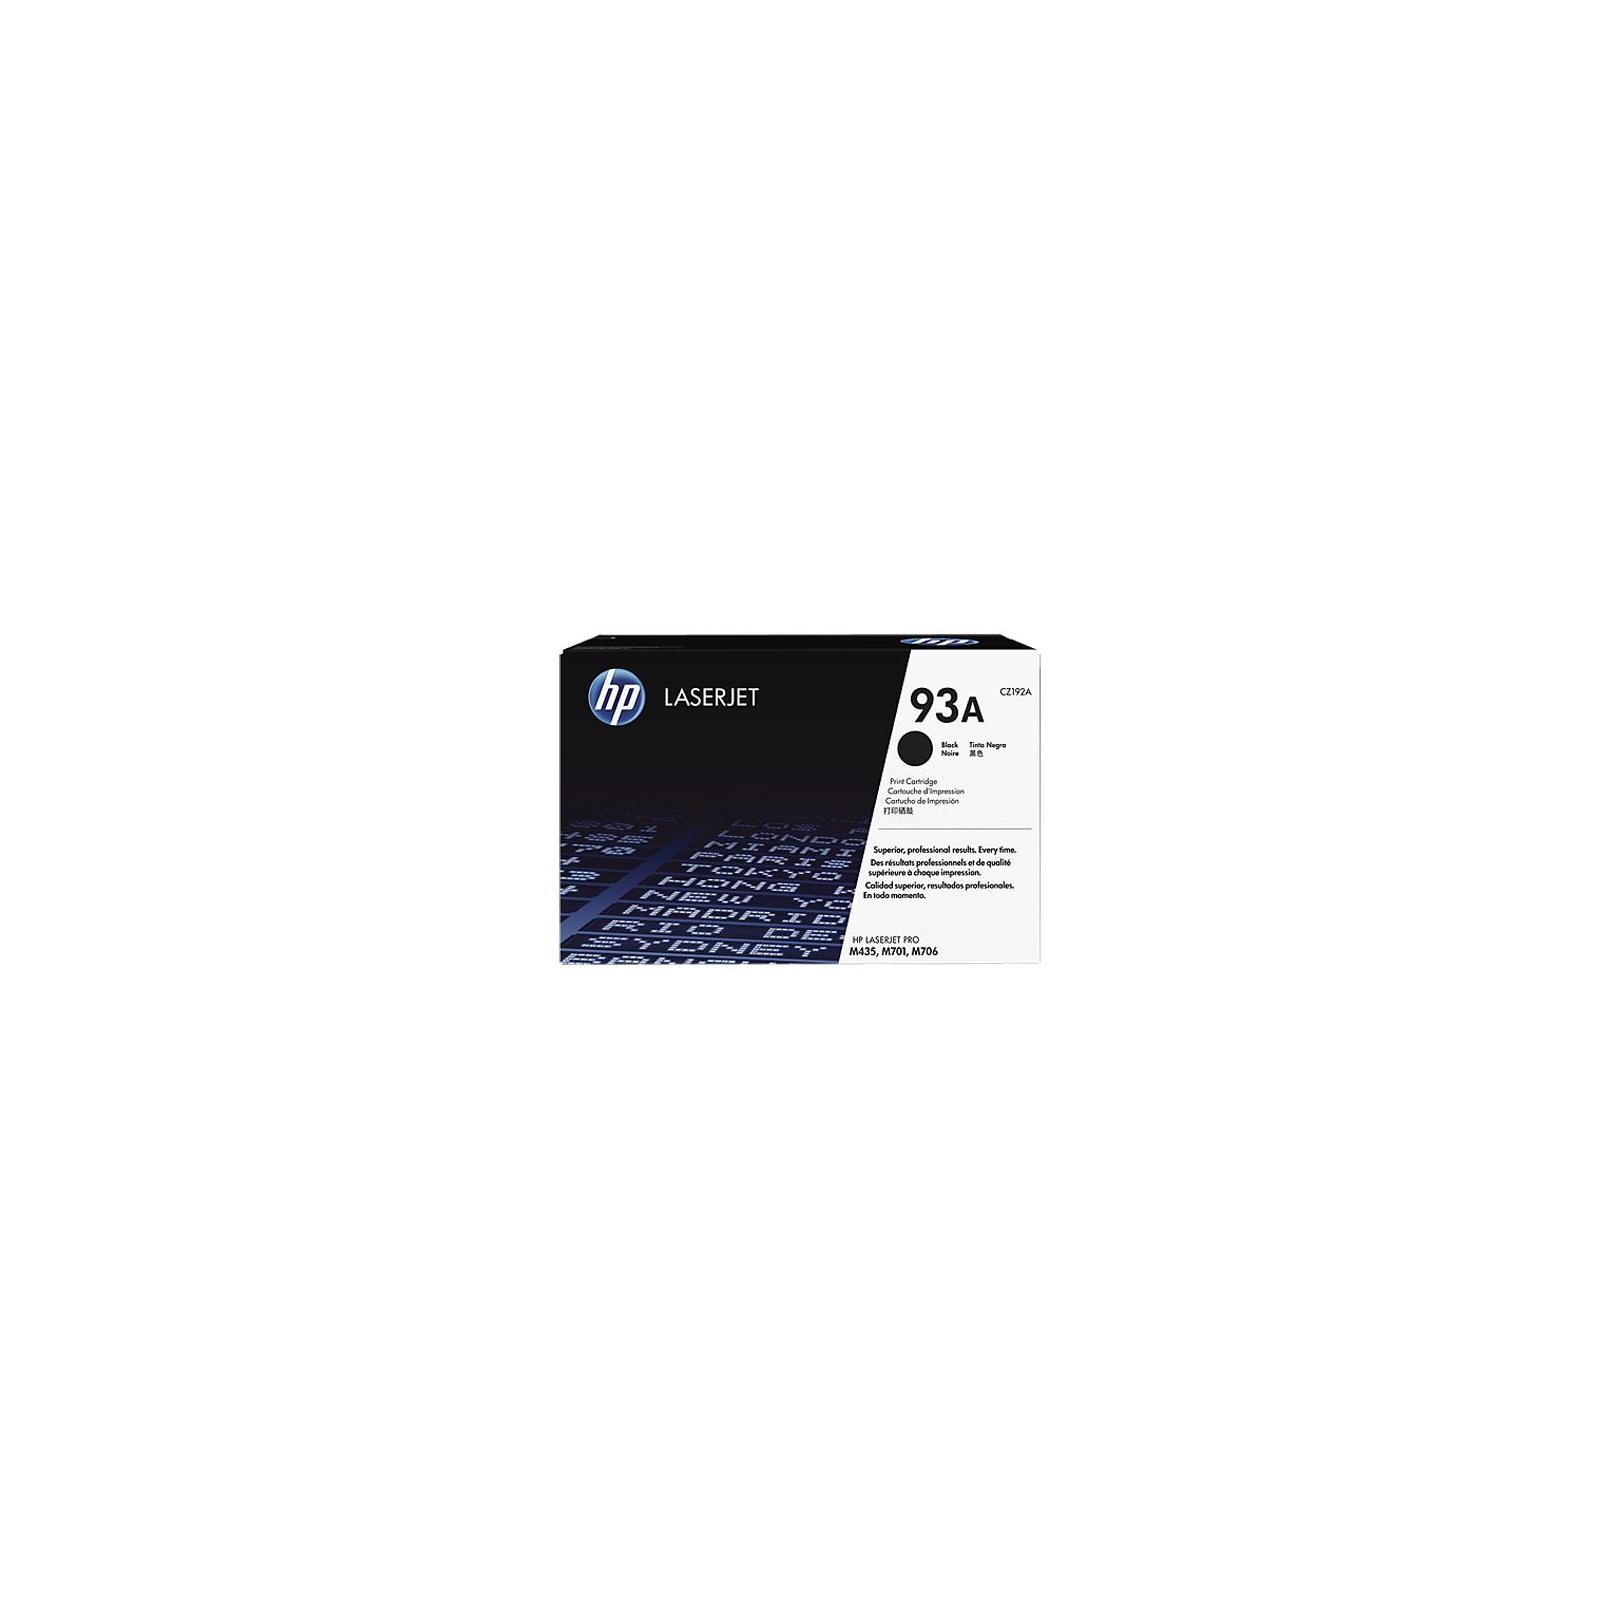 Картридж HP LJ Pro M435nw /93A (CZ192A)